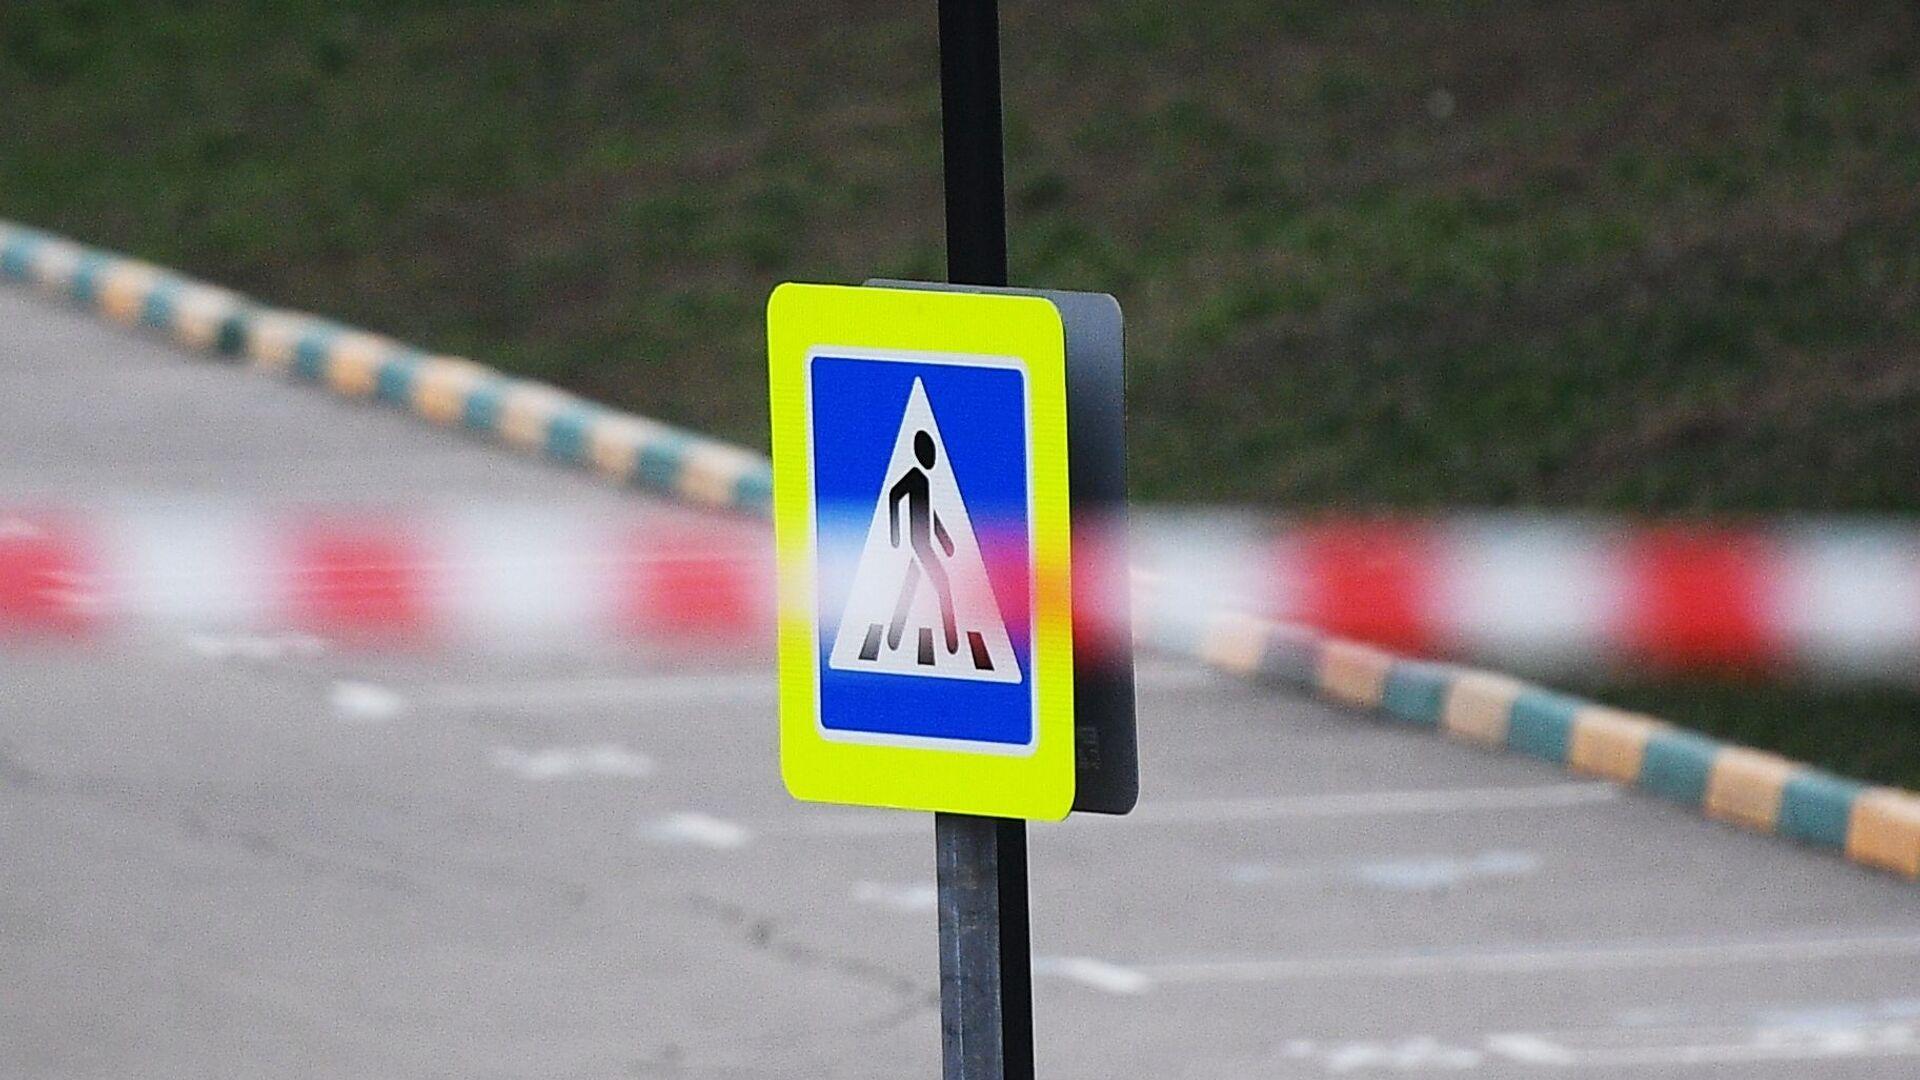 Лента ограждения и знак пешеходного перехода - Sputnik Ўзбекистон, 1920, 13.09.2021